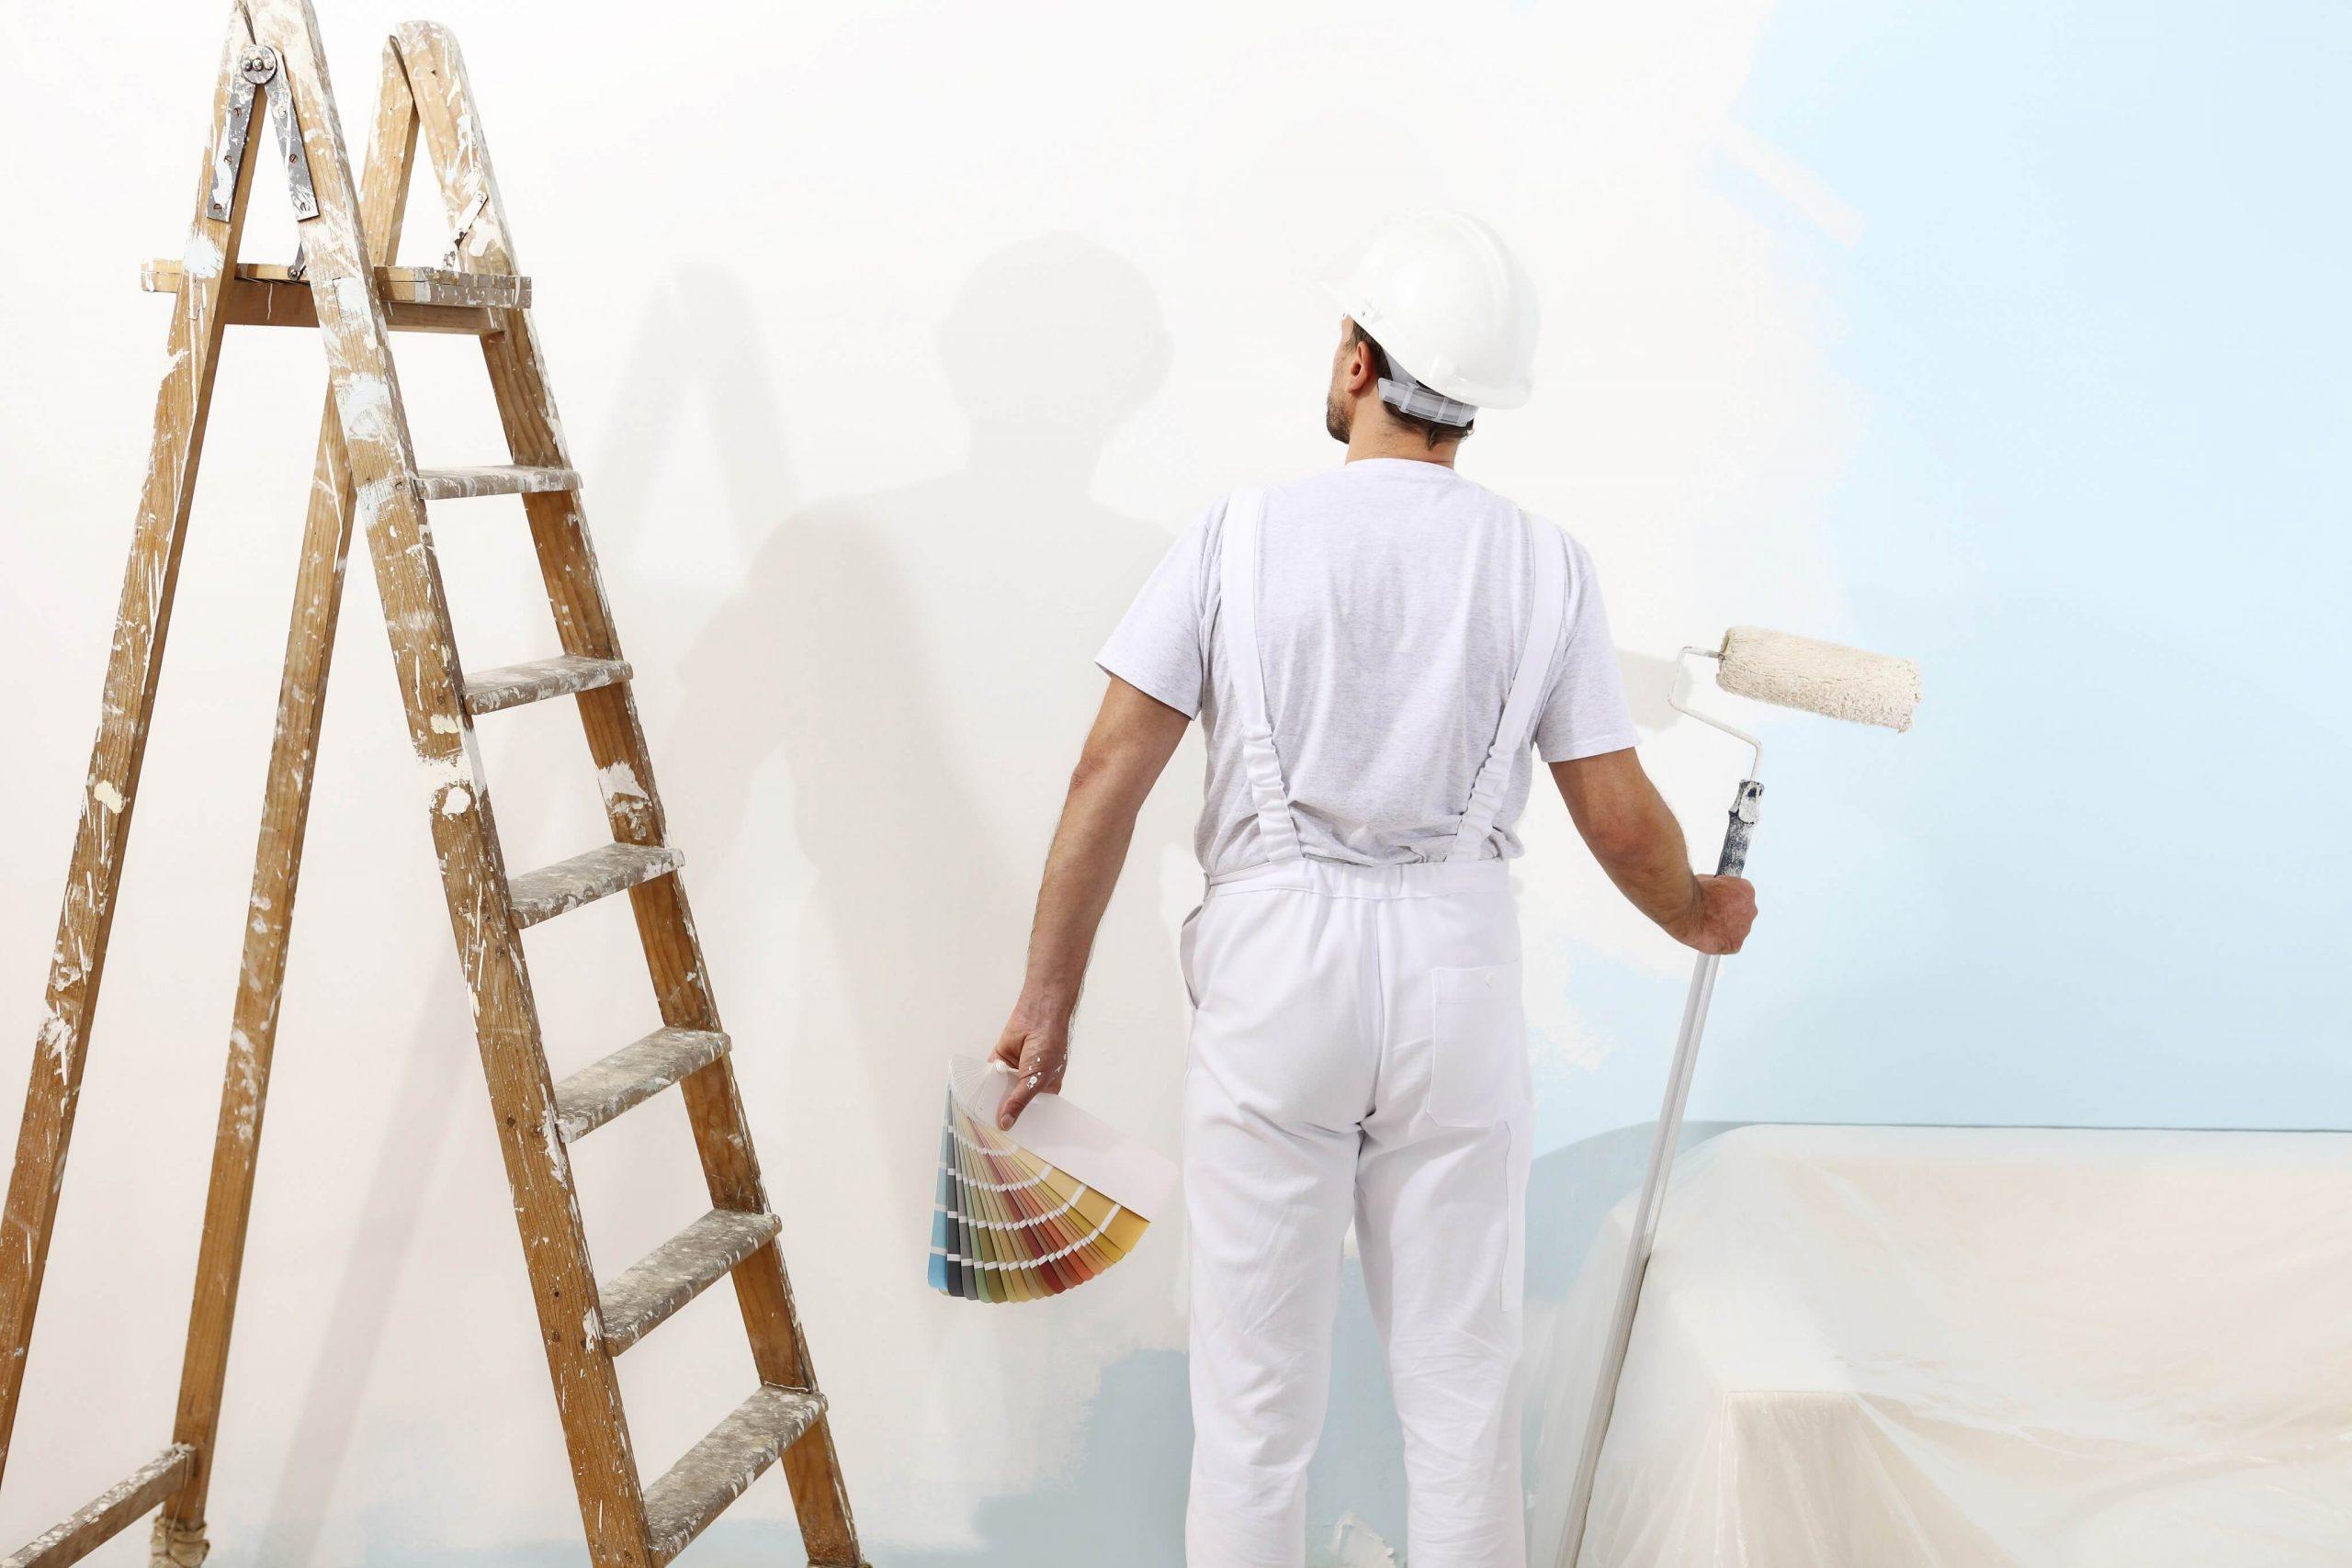 ¿Cómo pi¿Cómo pintar tu casa al mejor precio?ntar tu casa al mejor precio?